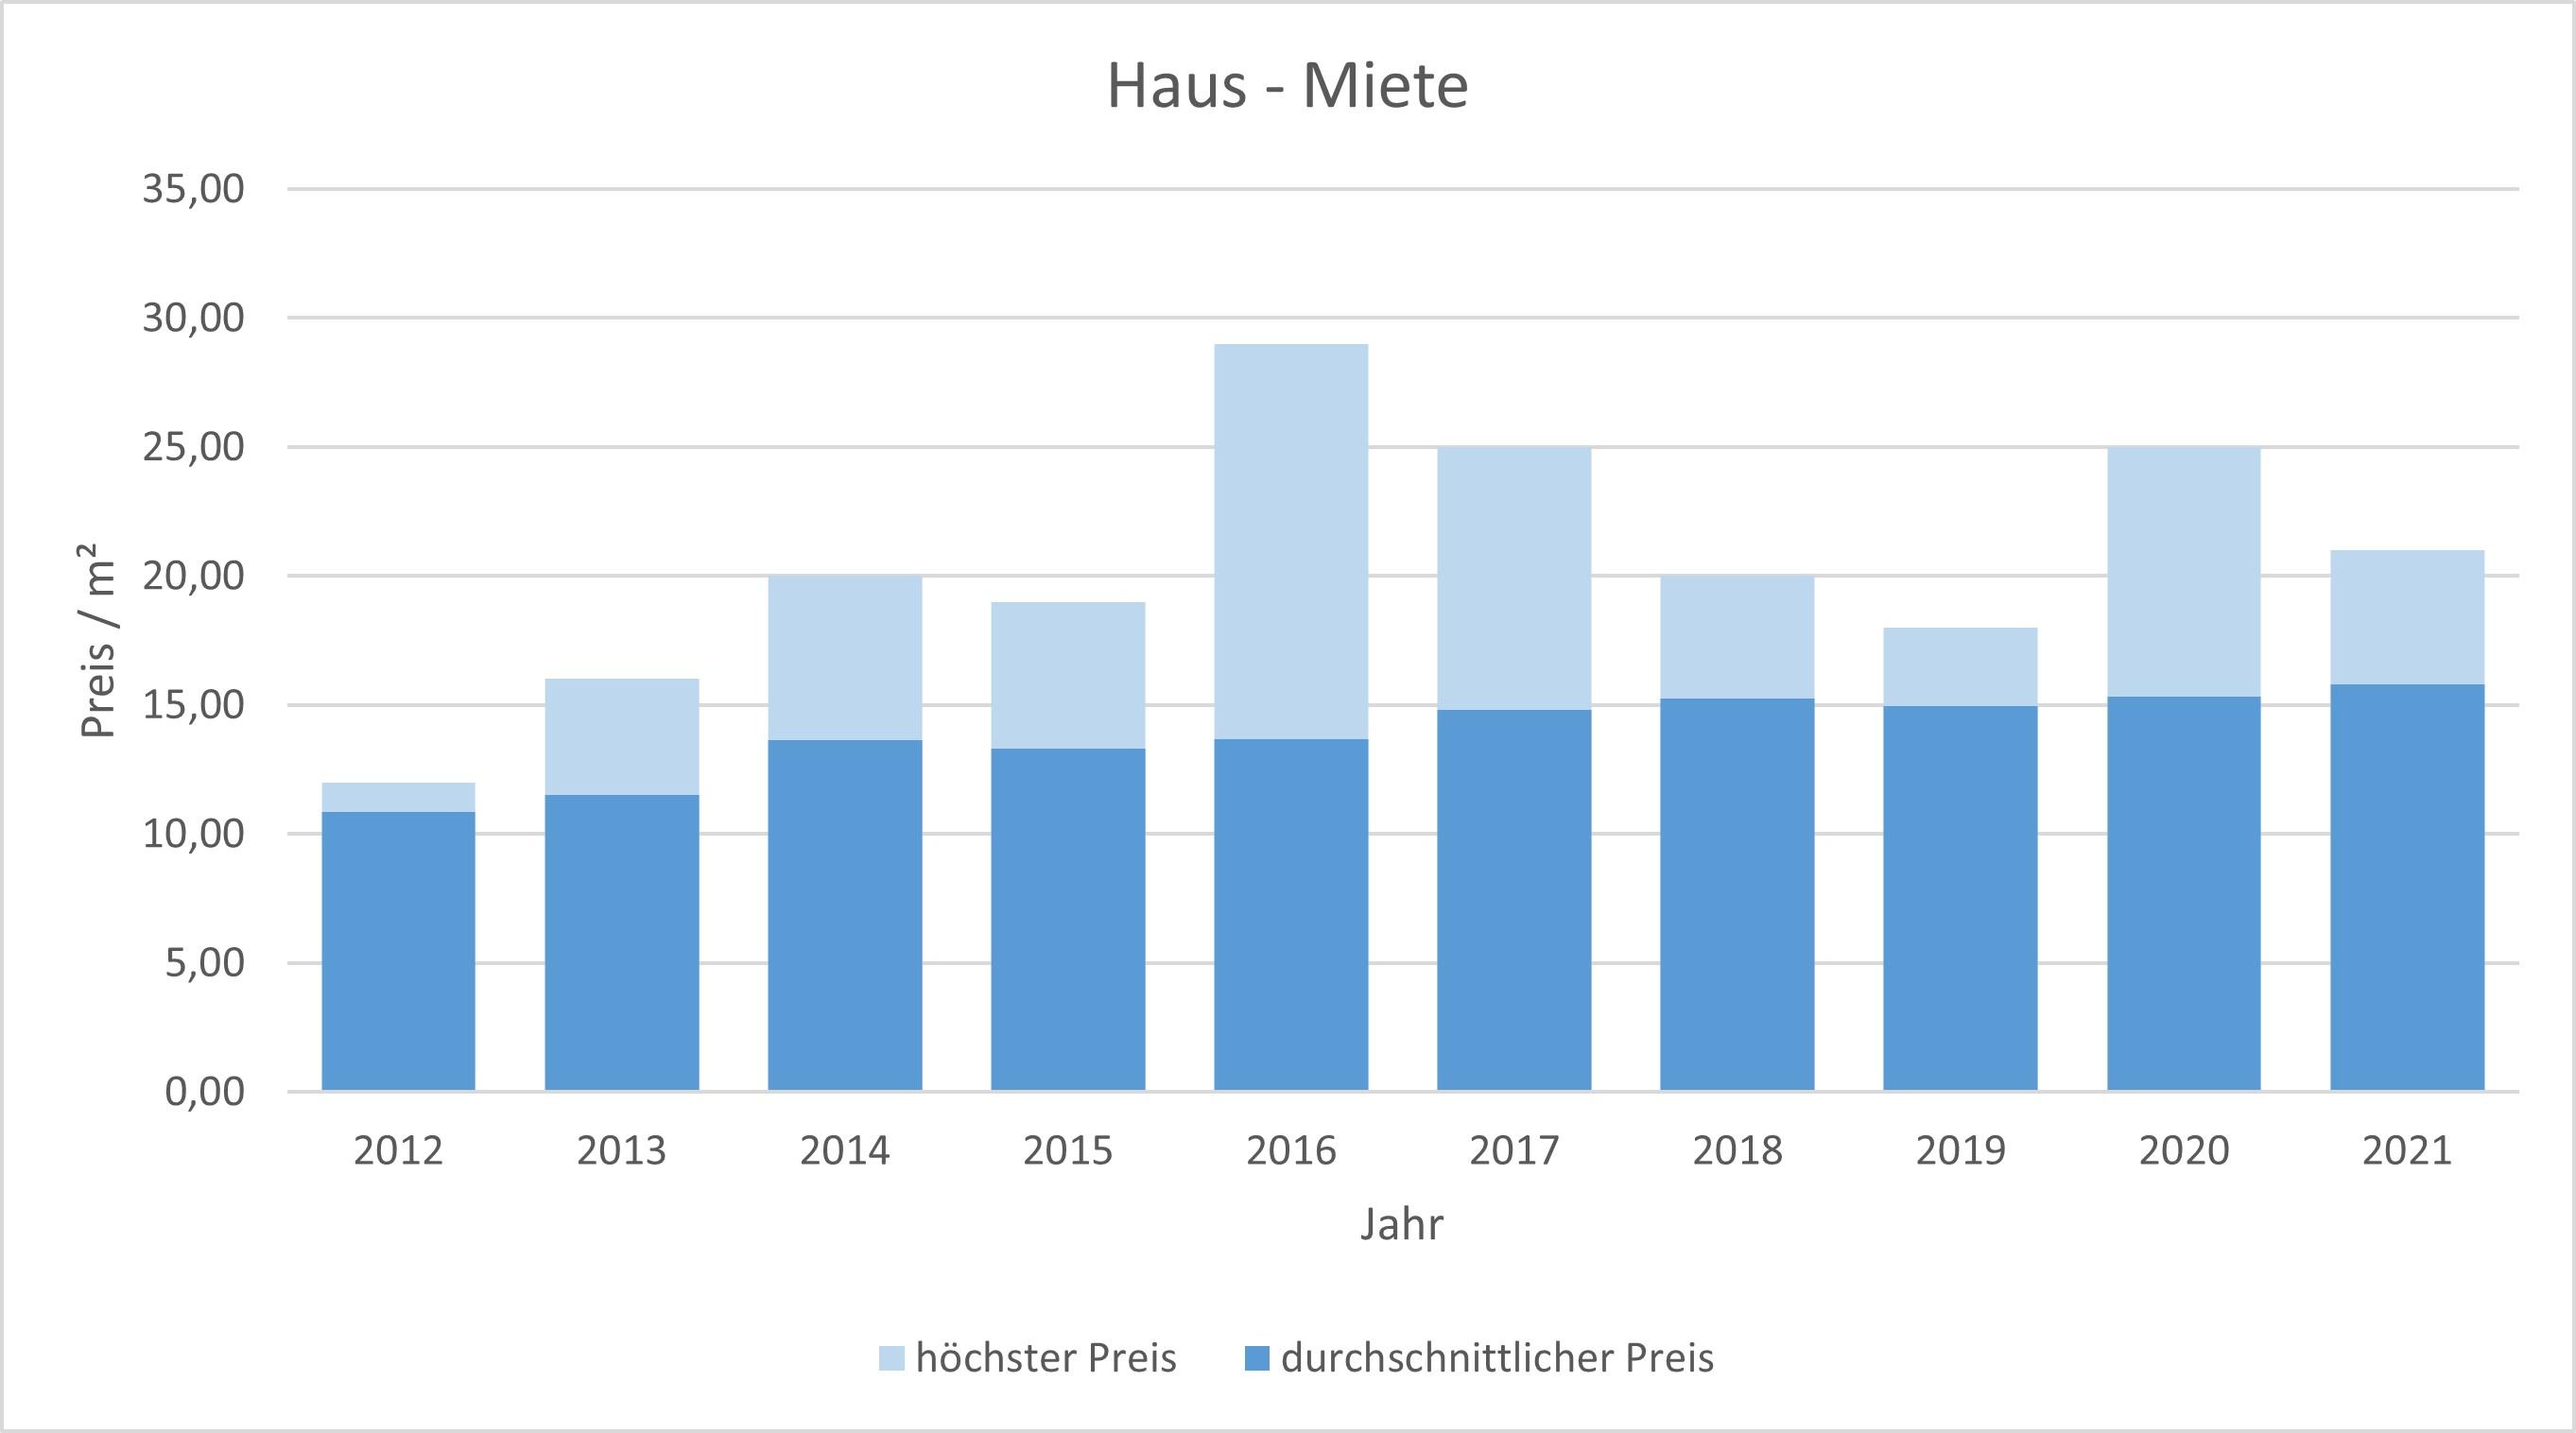 Haar Haus mieten vermieten Preis Bewertung Makler www.happy-immo.de 2019 2020 2021